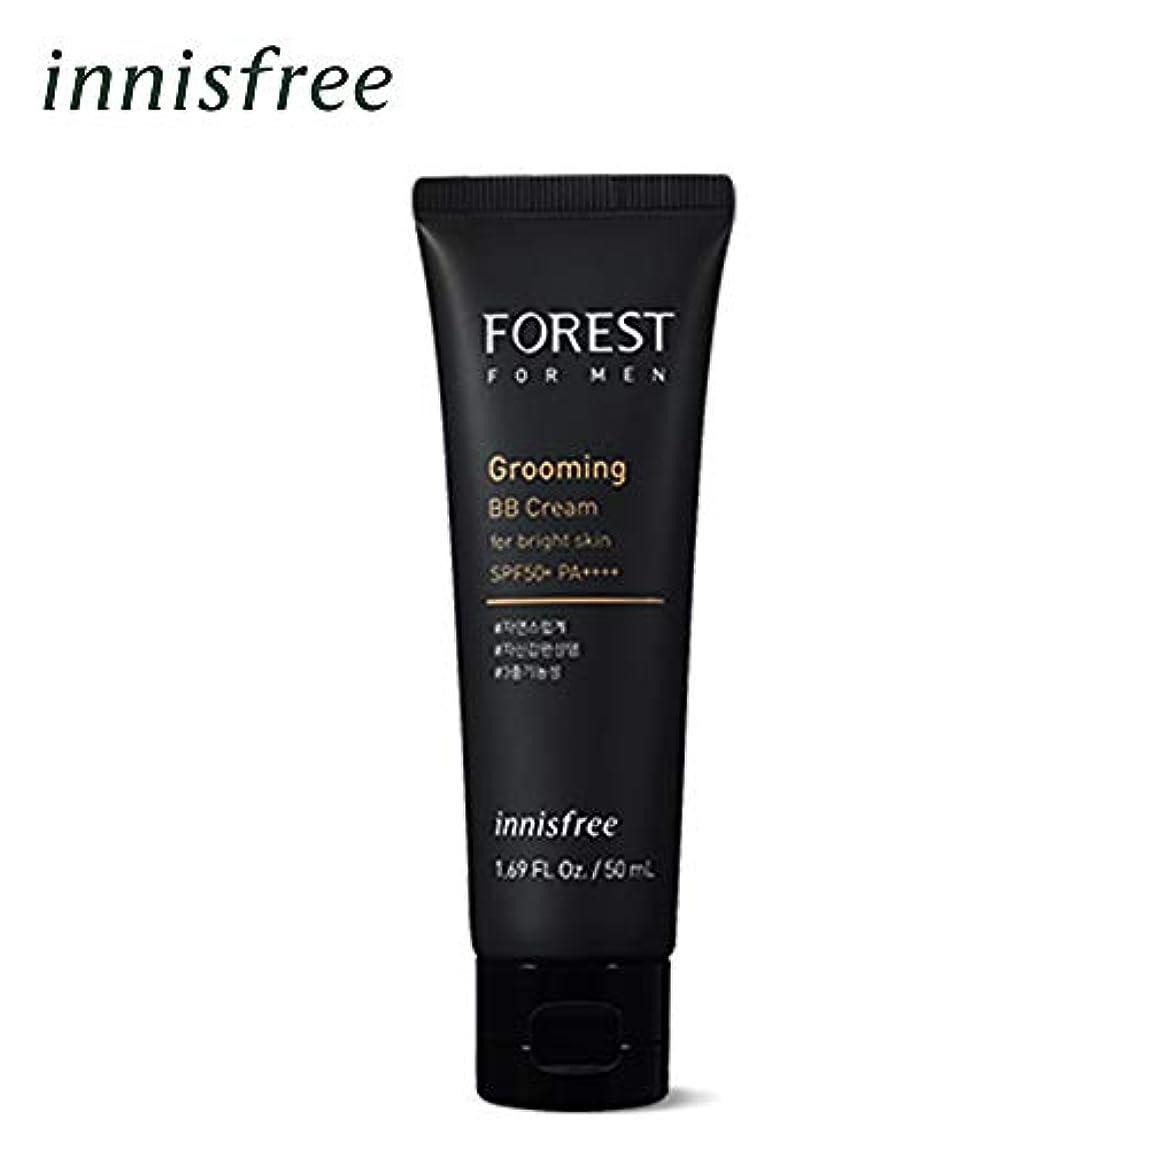 ここに嵐コンベンション[Innisfree] フォレストフォーメン グルーミングBBクリーム 1番 明るい肌用 SPF50+PA++++ 50ml koreacosmetic(forest for men grooming BBcream No...